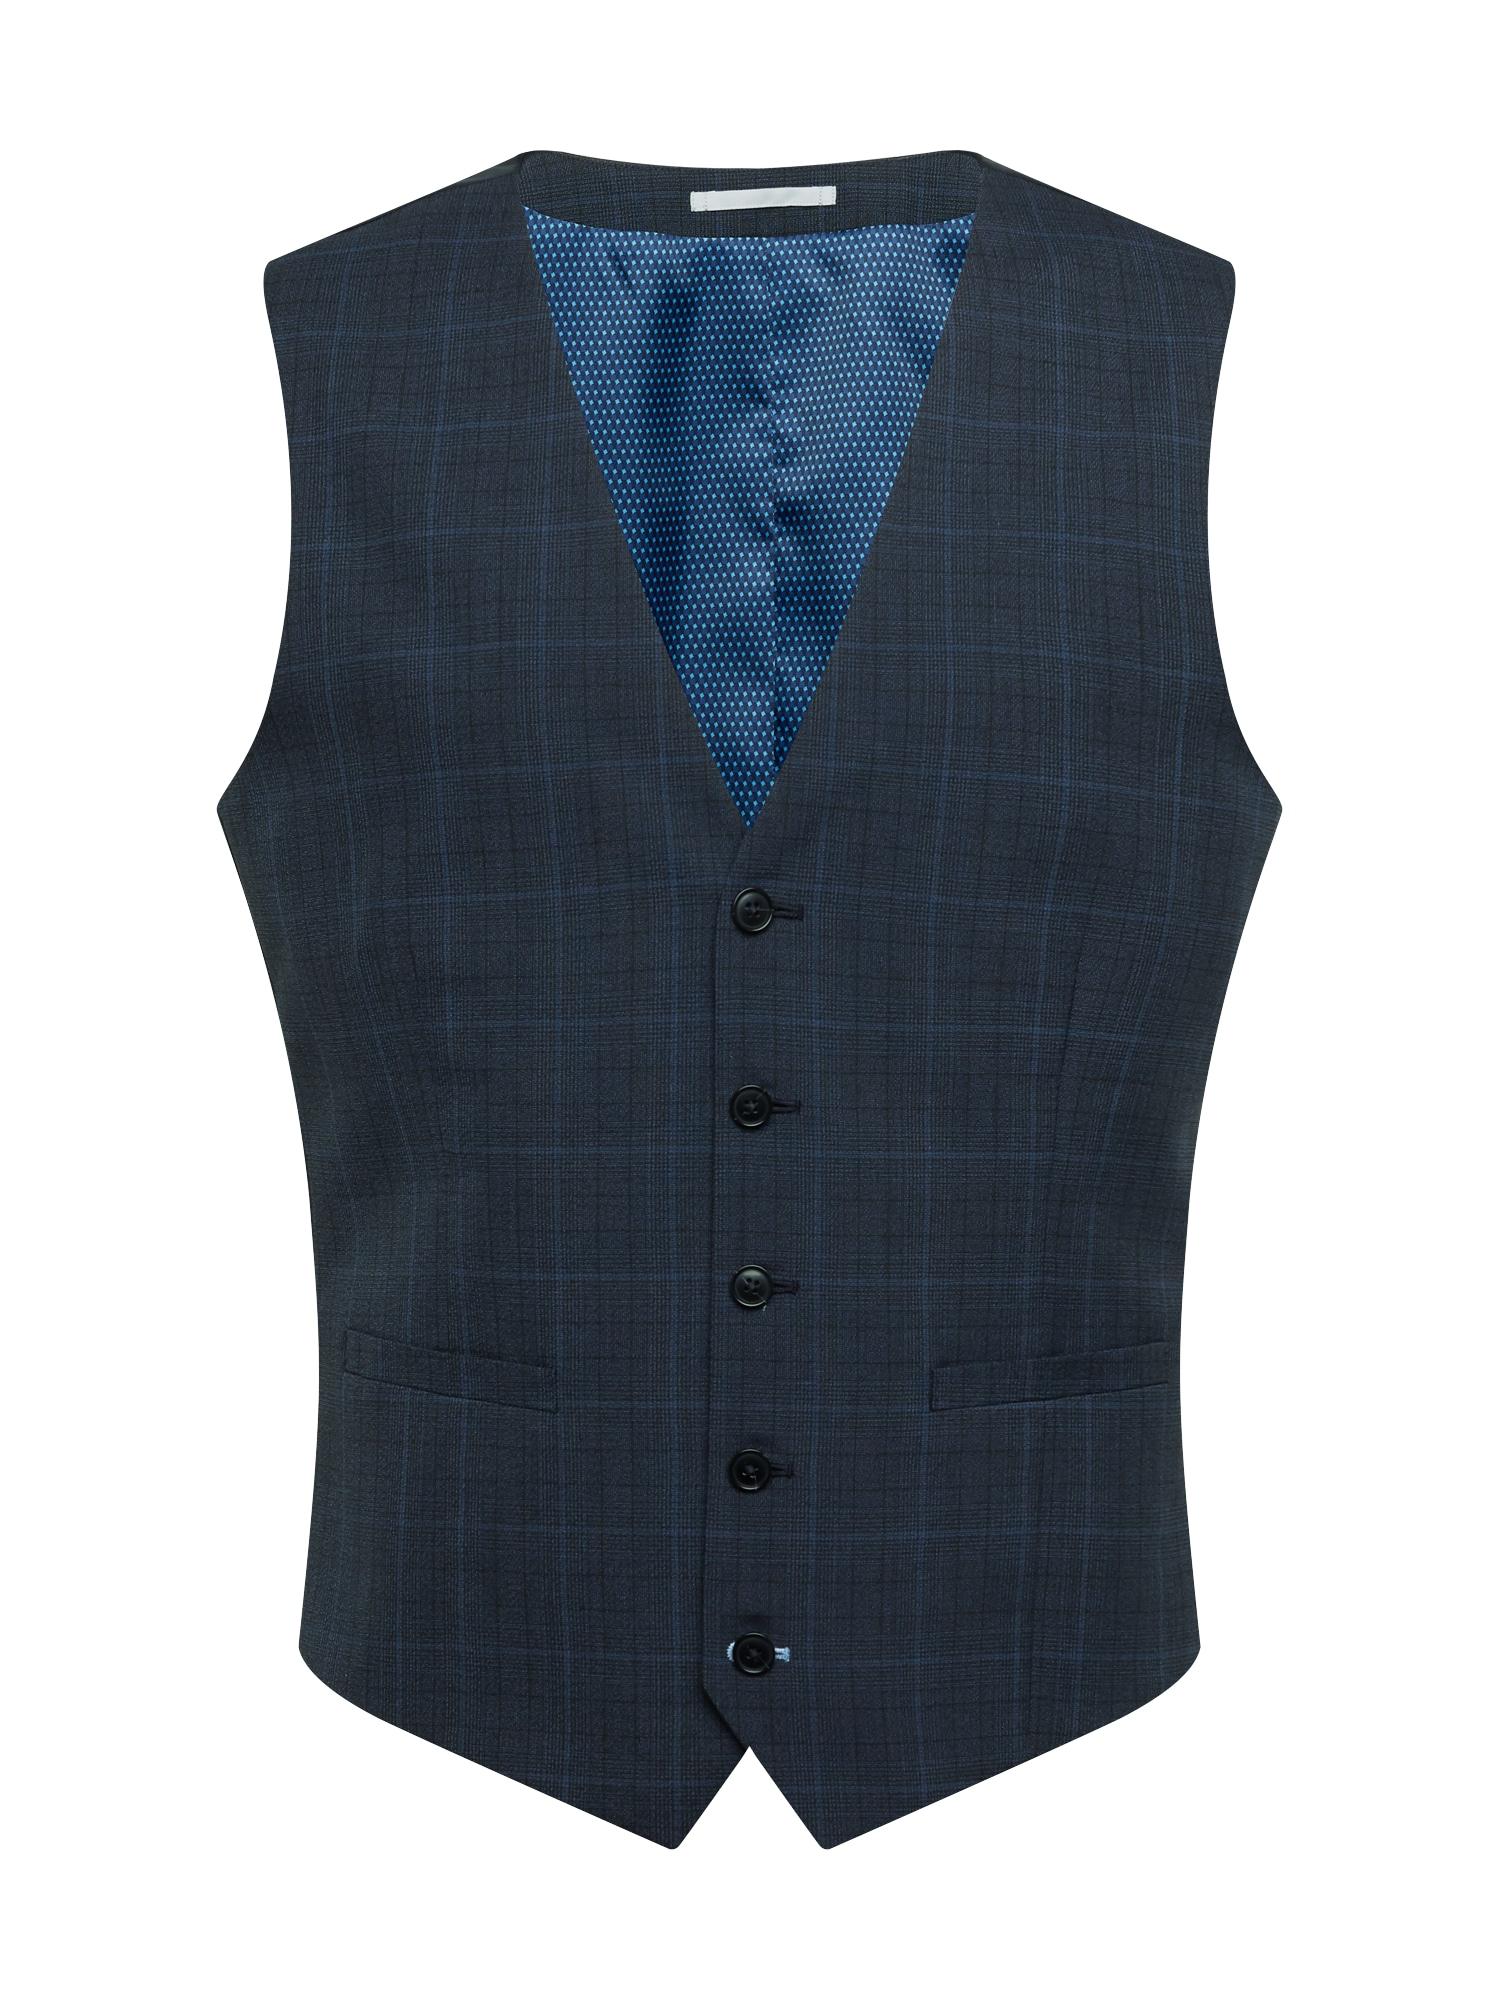 BURTON MENSWEAR LONDON Kostiuminė liemenė tamsiai mėlyna